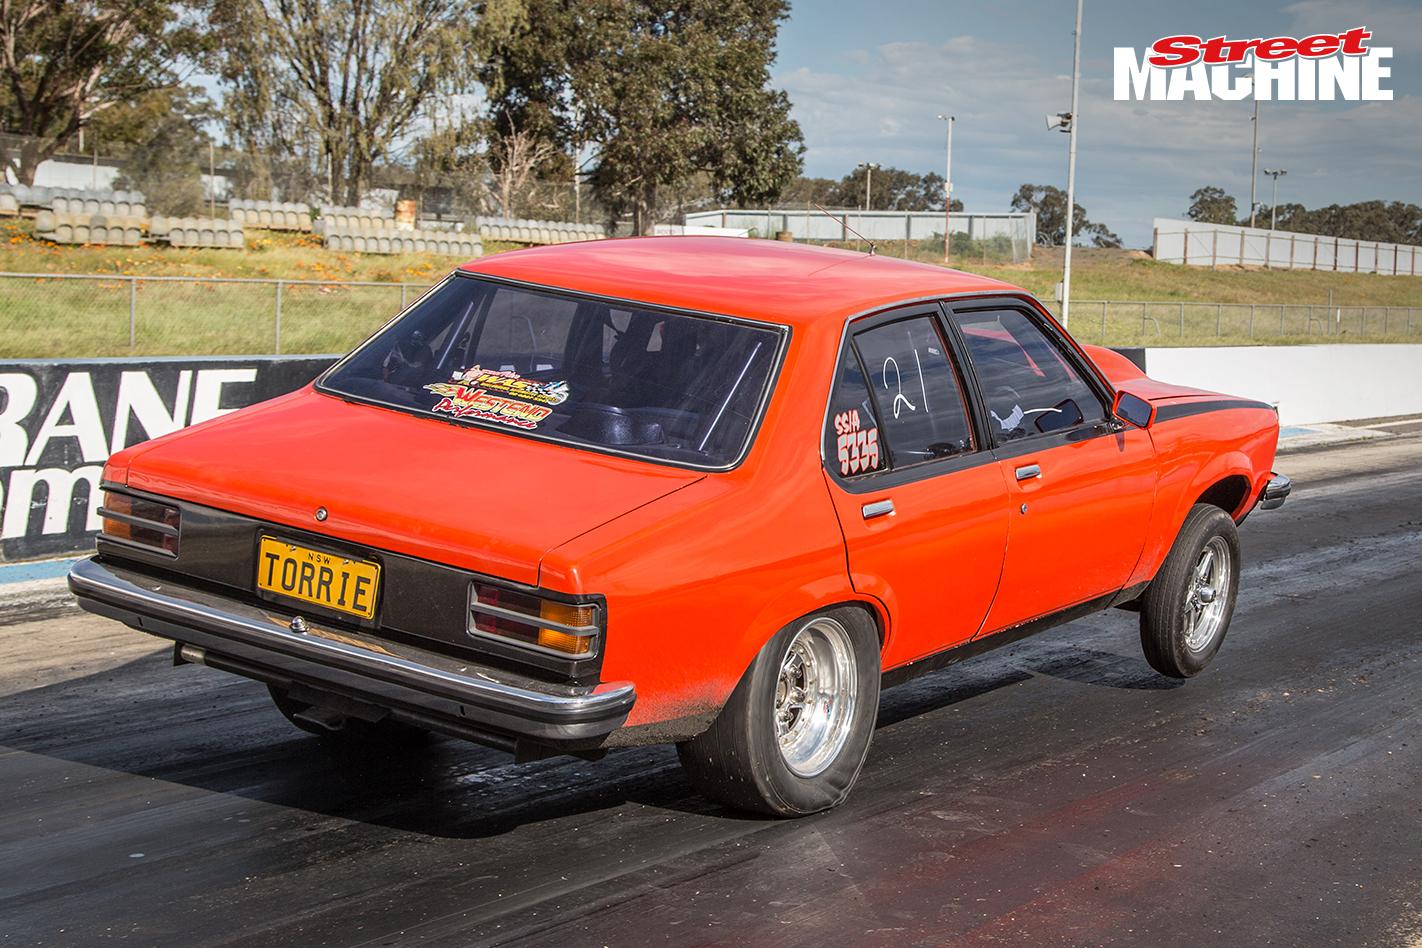 Holden LH Torana 427 TORRIE 7